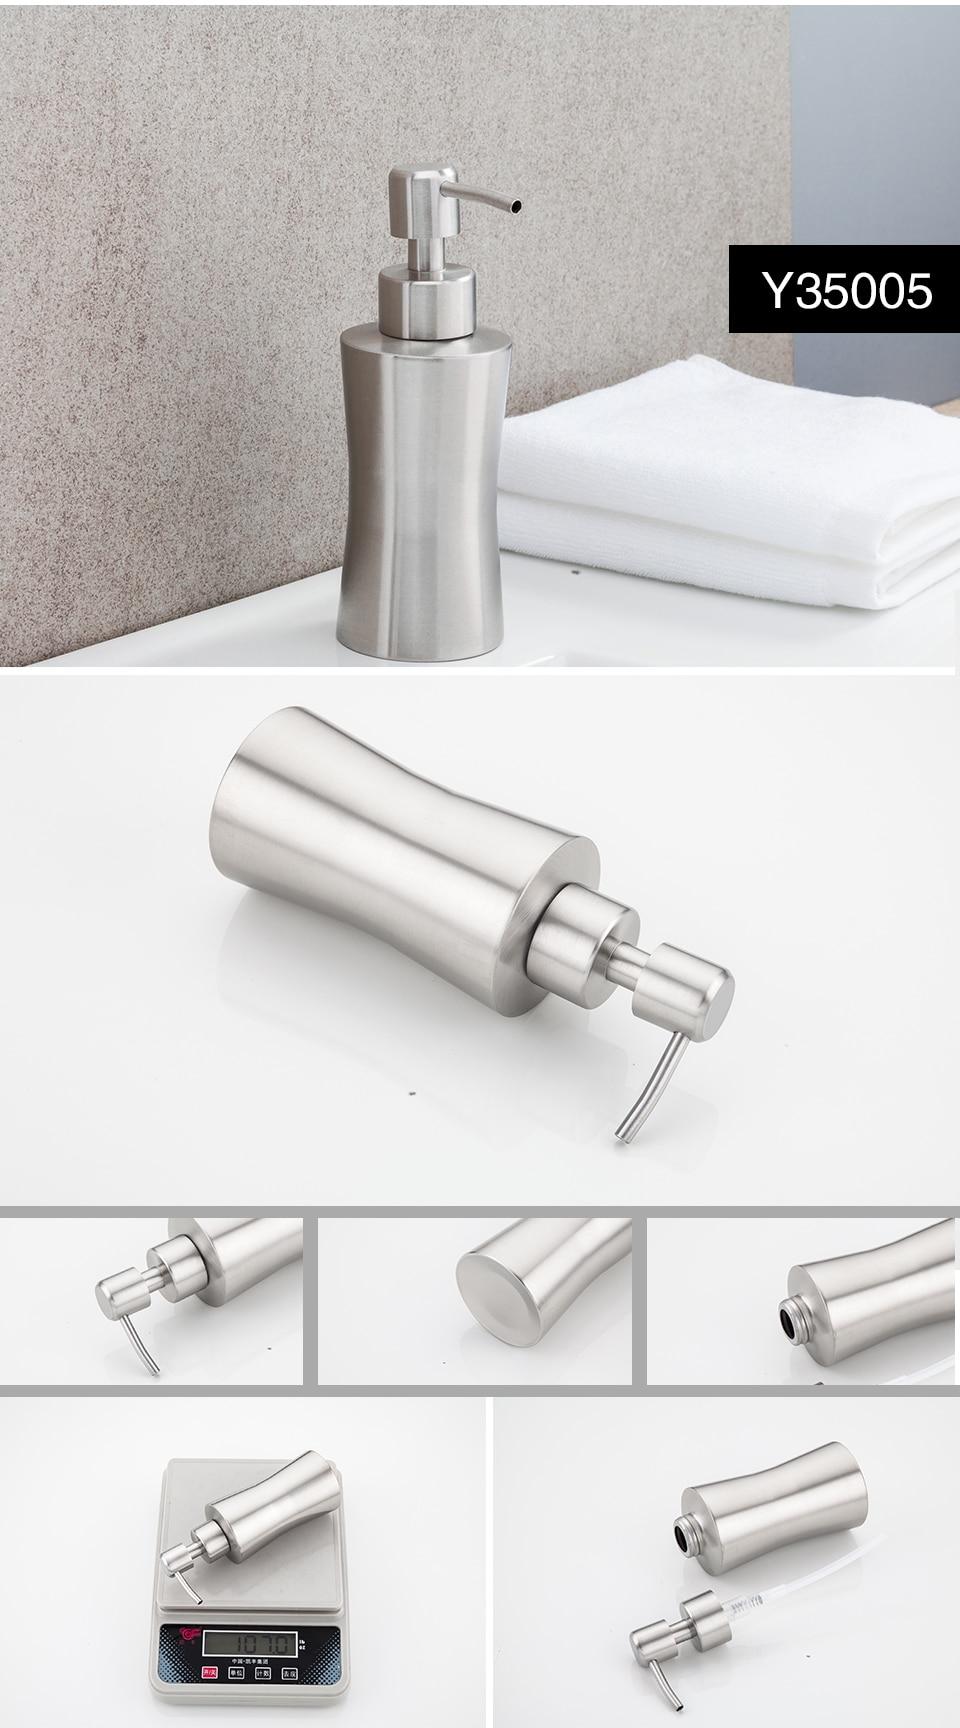 Distribuidores de sabonete líquido GAPPO para banheiro e cozinha com bombas de sabão